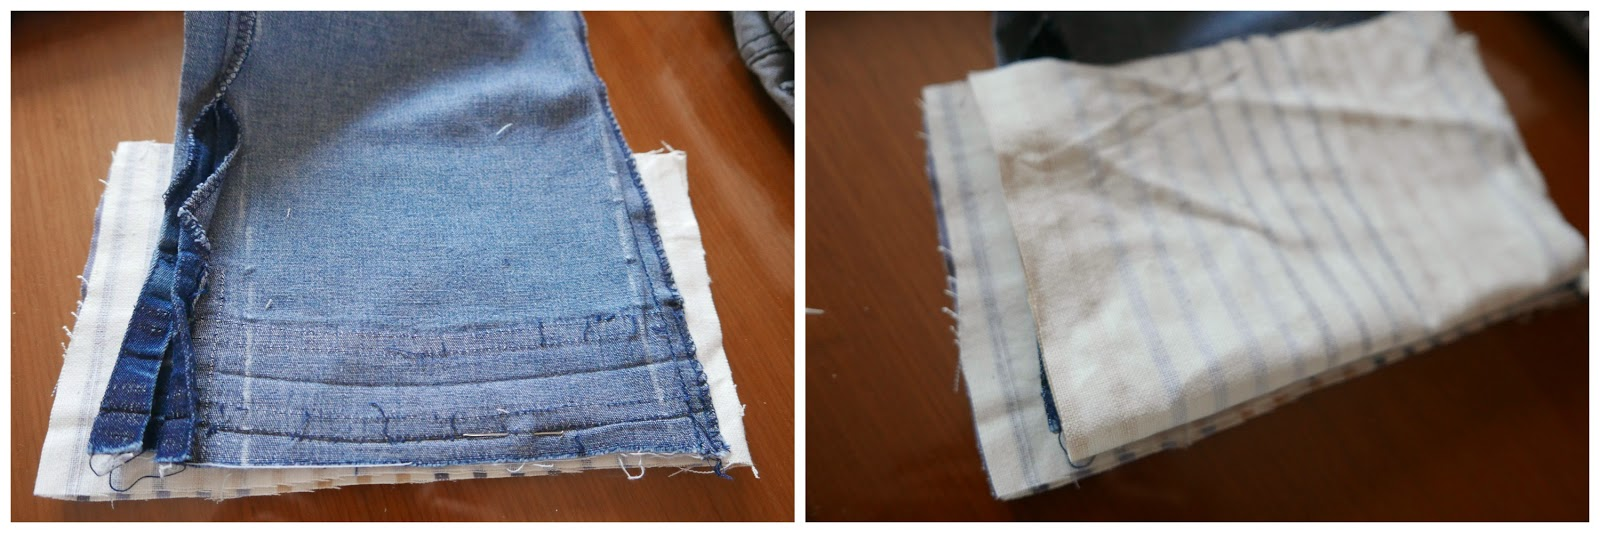 Cortamos a medida de nuestro pantalón el tejido